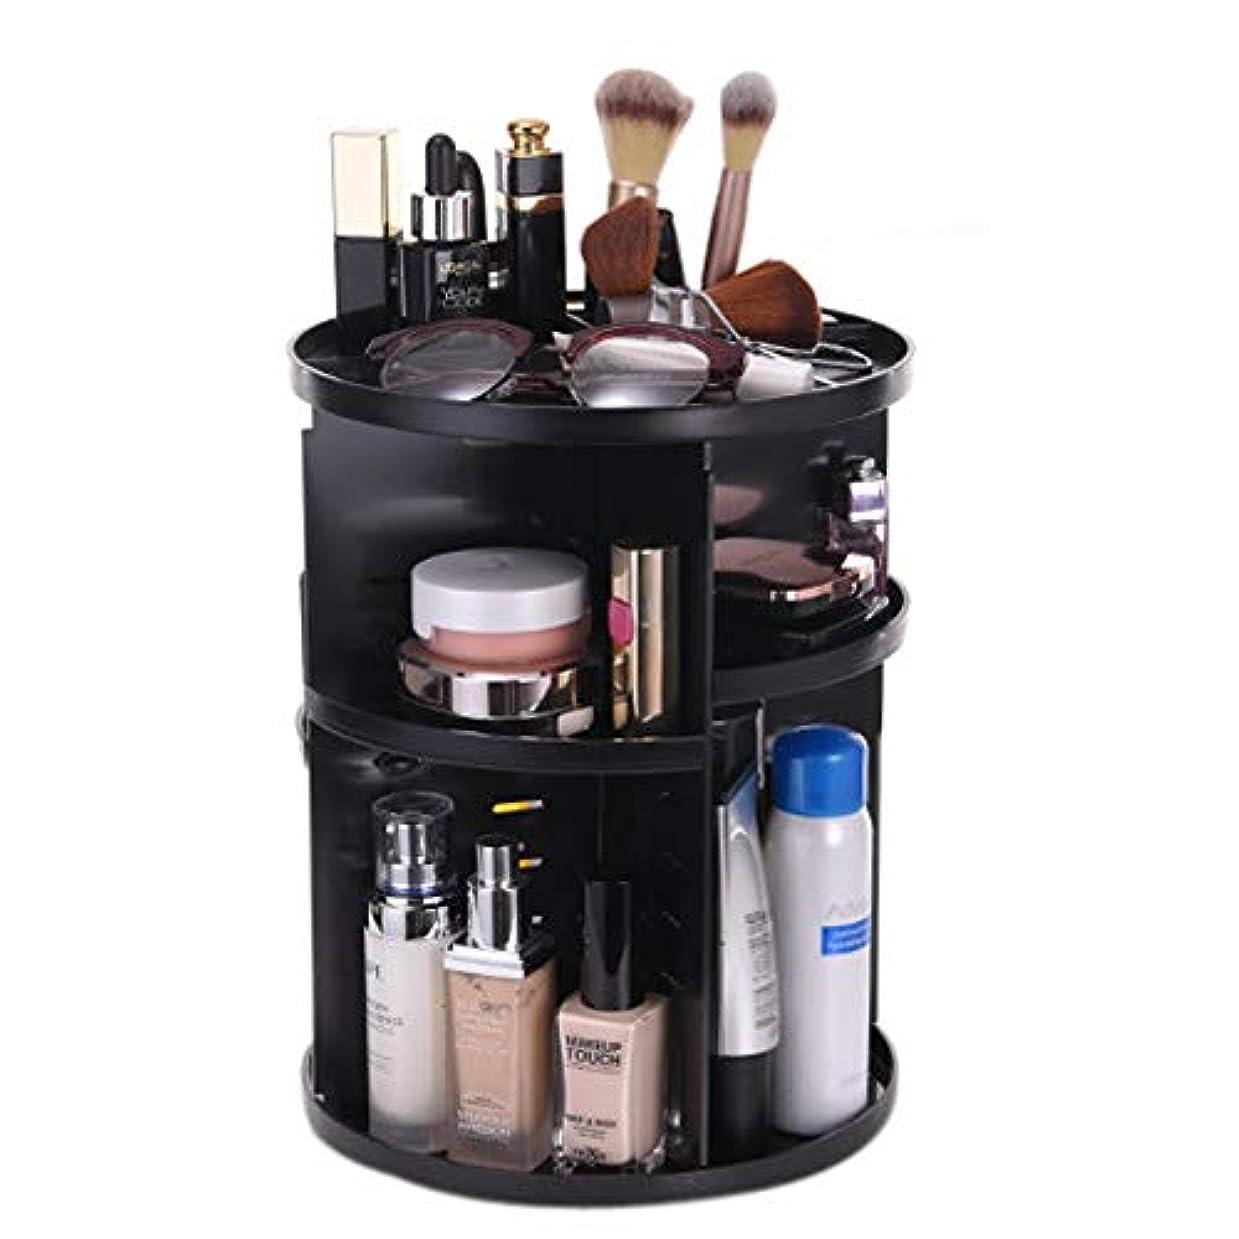 配管愛情合体Winkong 化粧コスメ収納ボックス アブラック 化粧品収納 360度回転 調整可能 大容量 多機能 クリルケース メイクケース